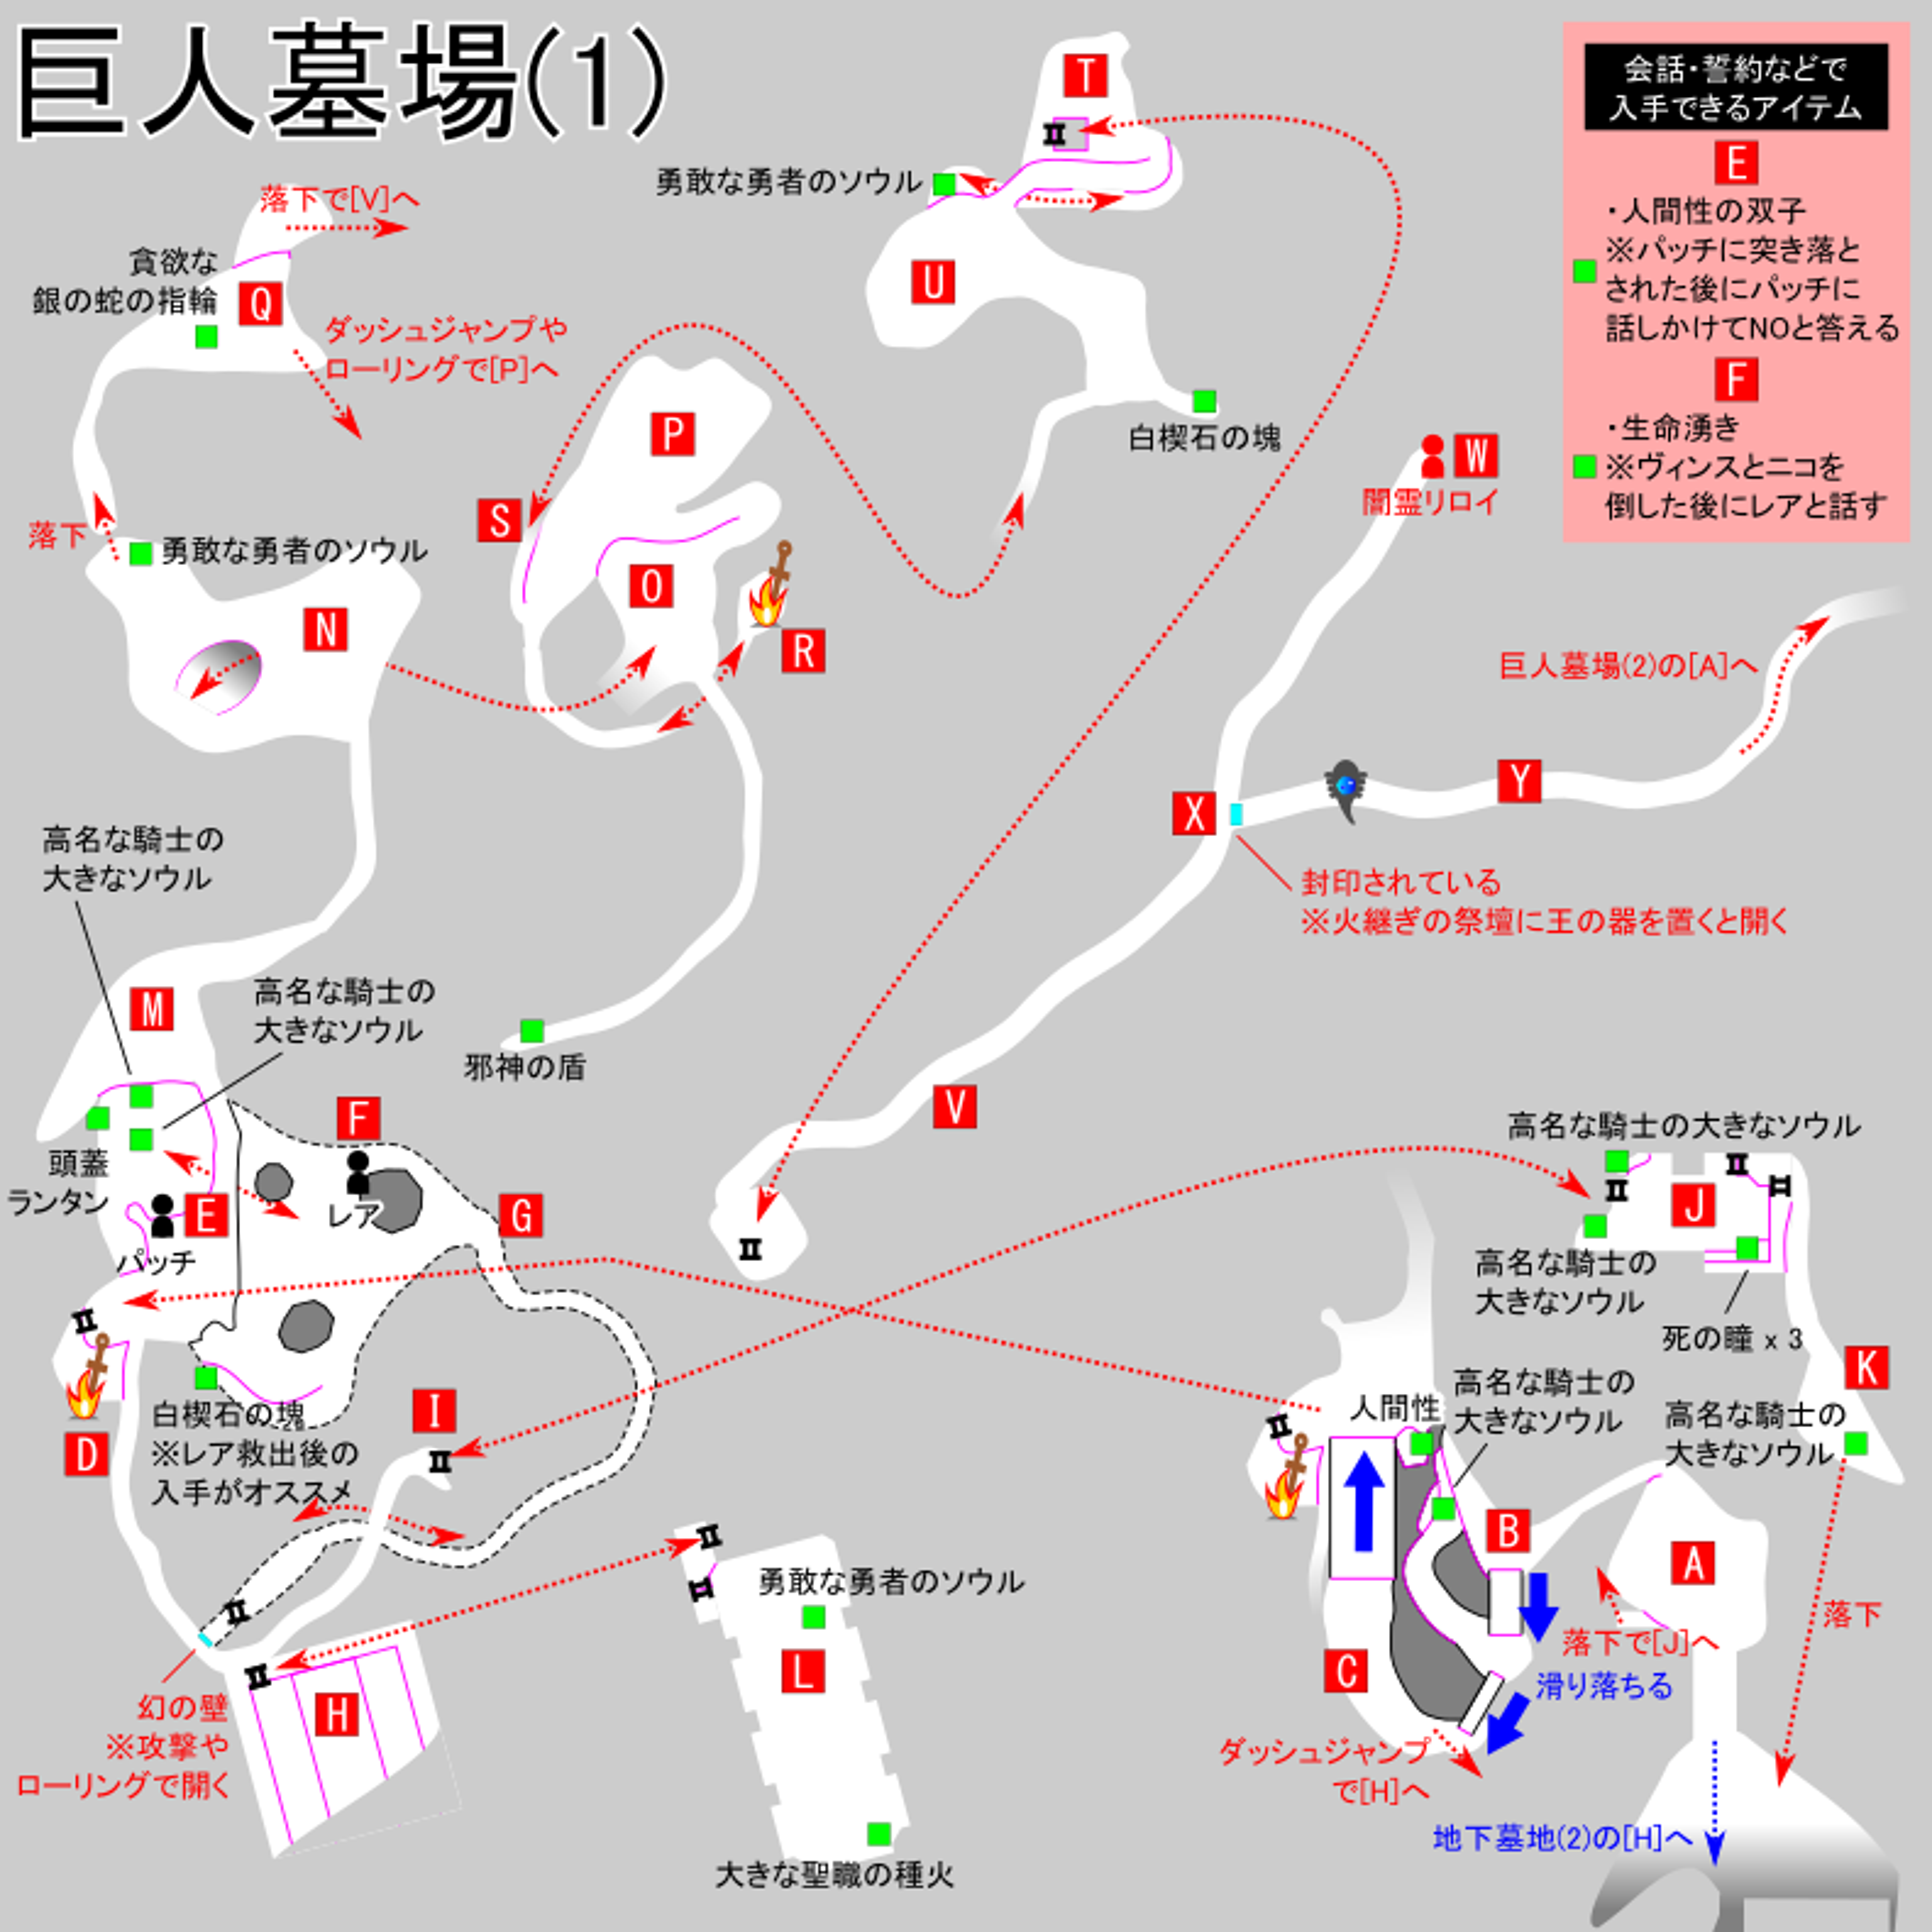 攻略 ダーク ソウル チャート 2